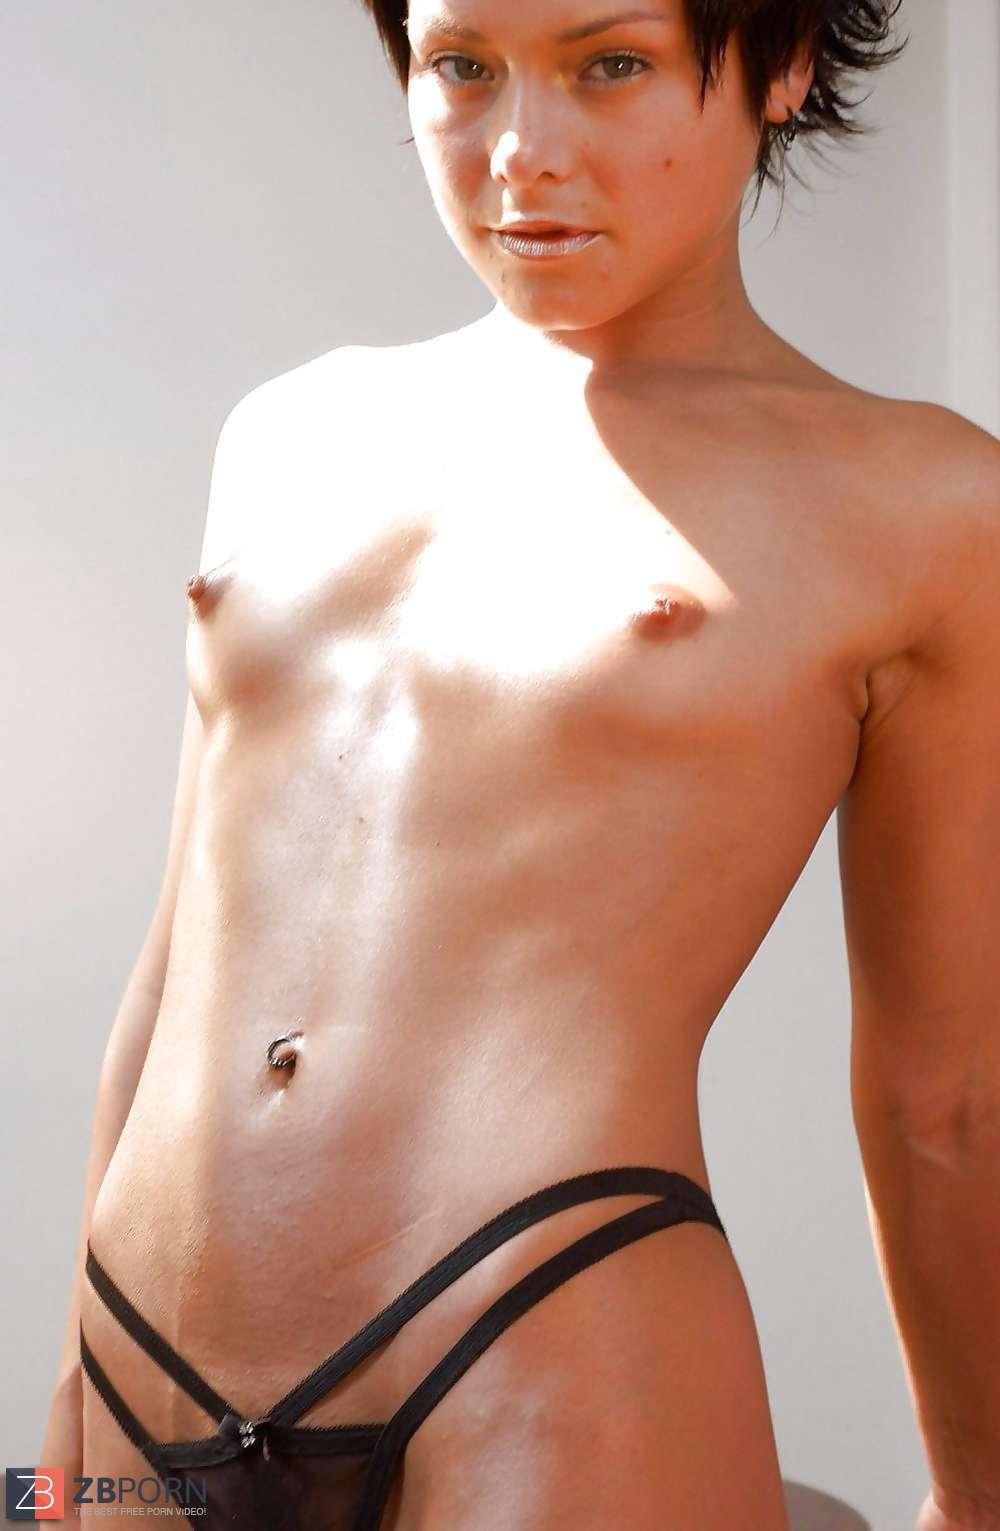 Andrea Ownbey Porno andrea cox porn andrea cox porn star andrea cox nude tits